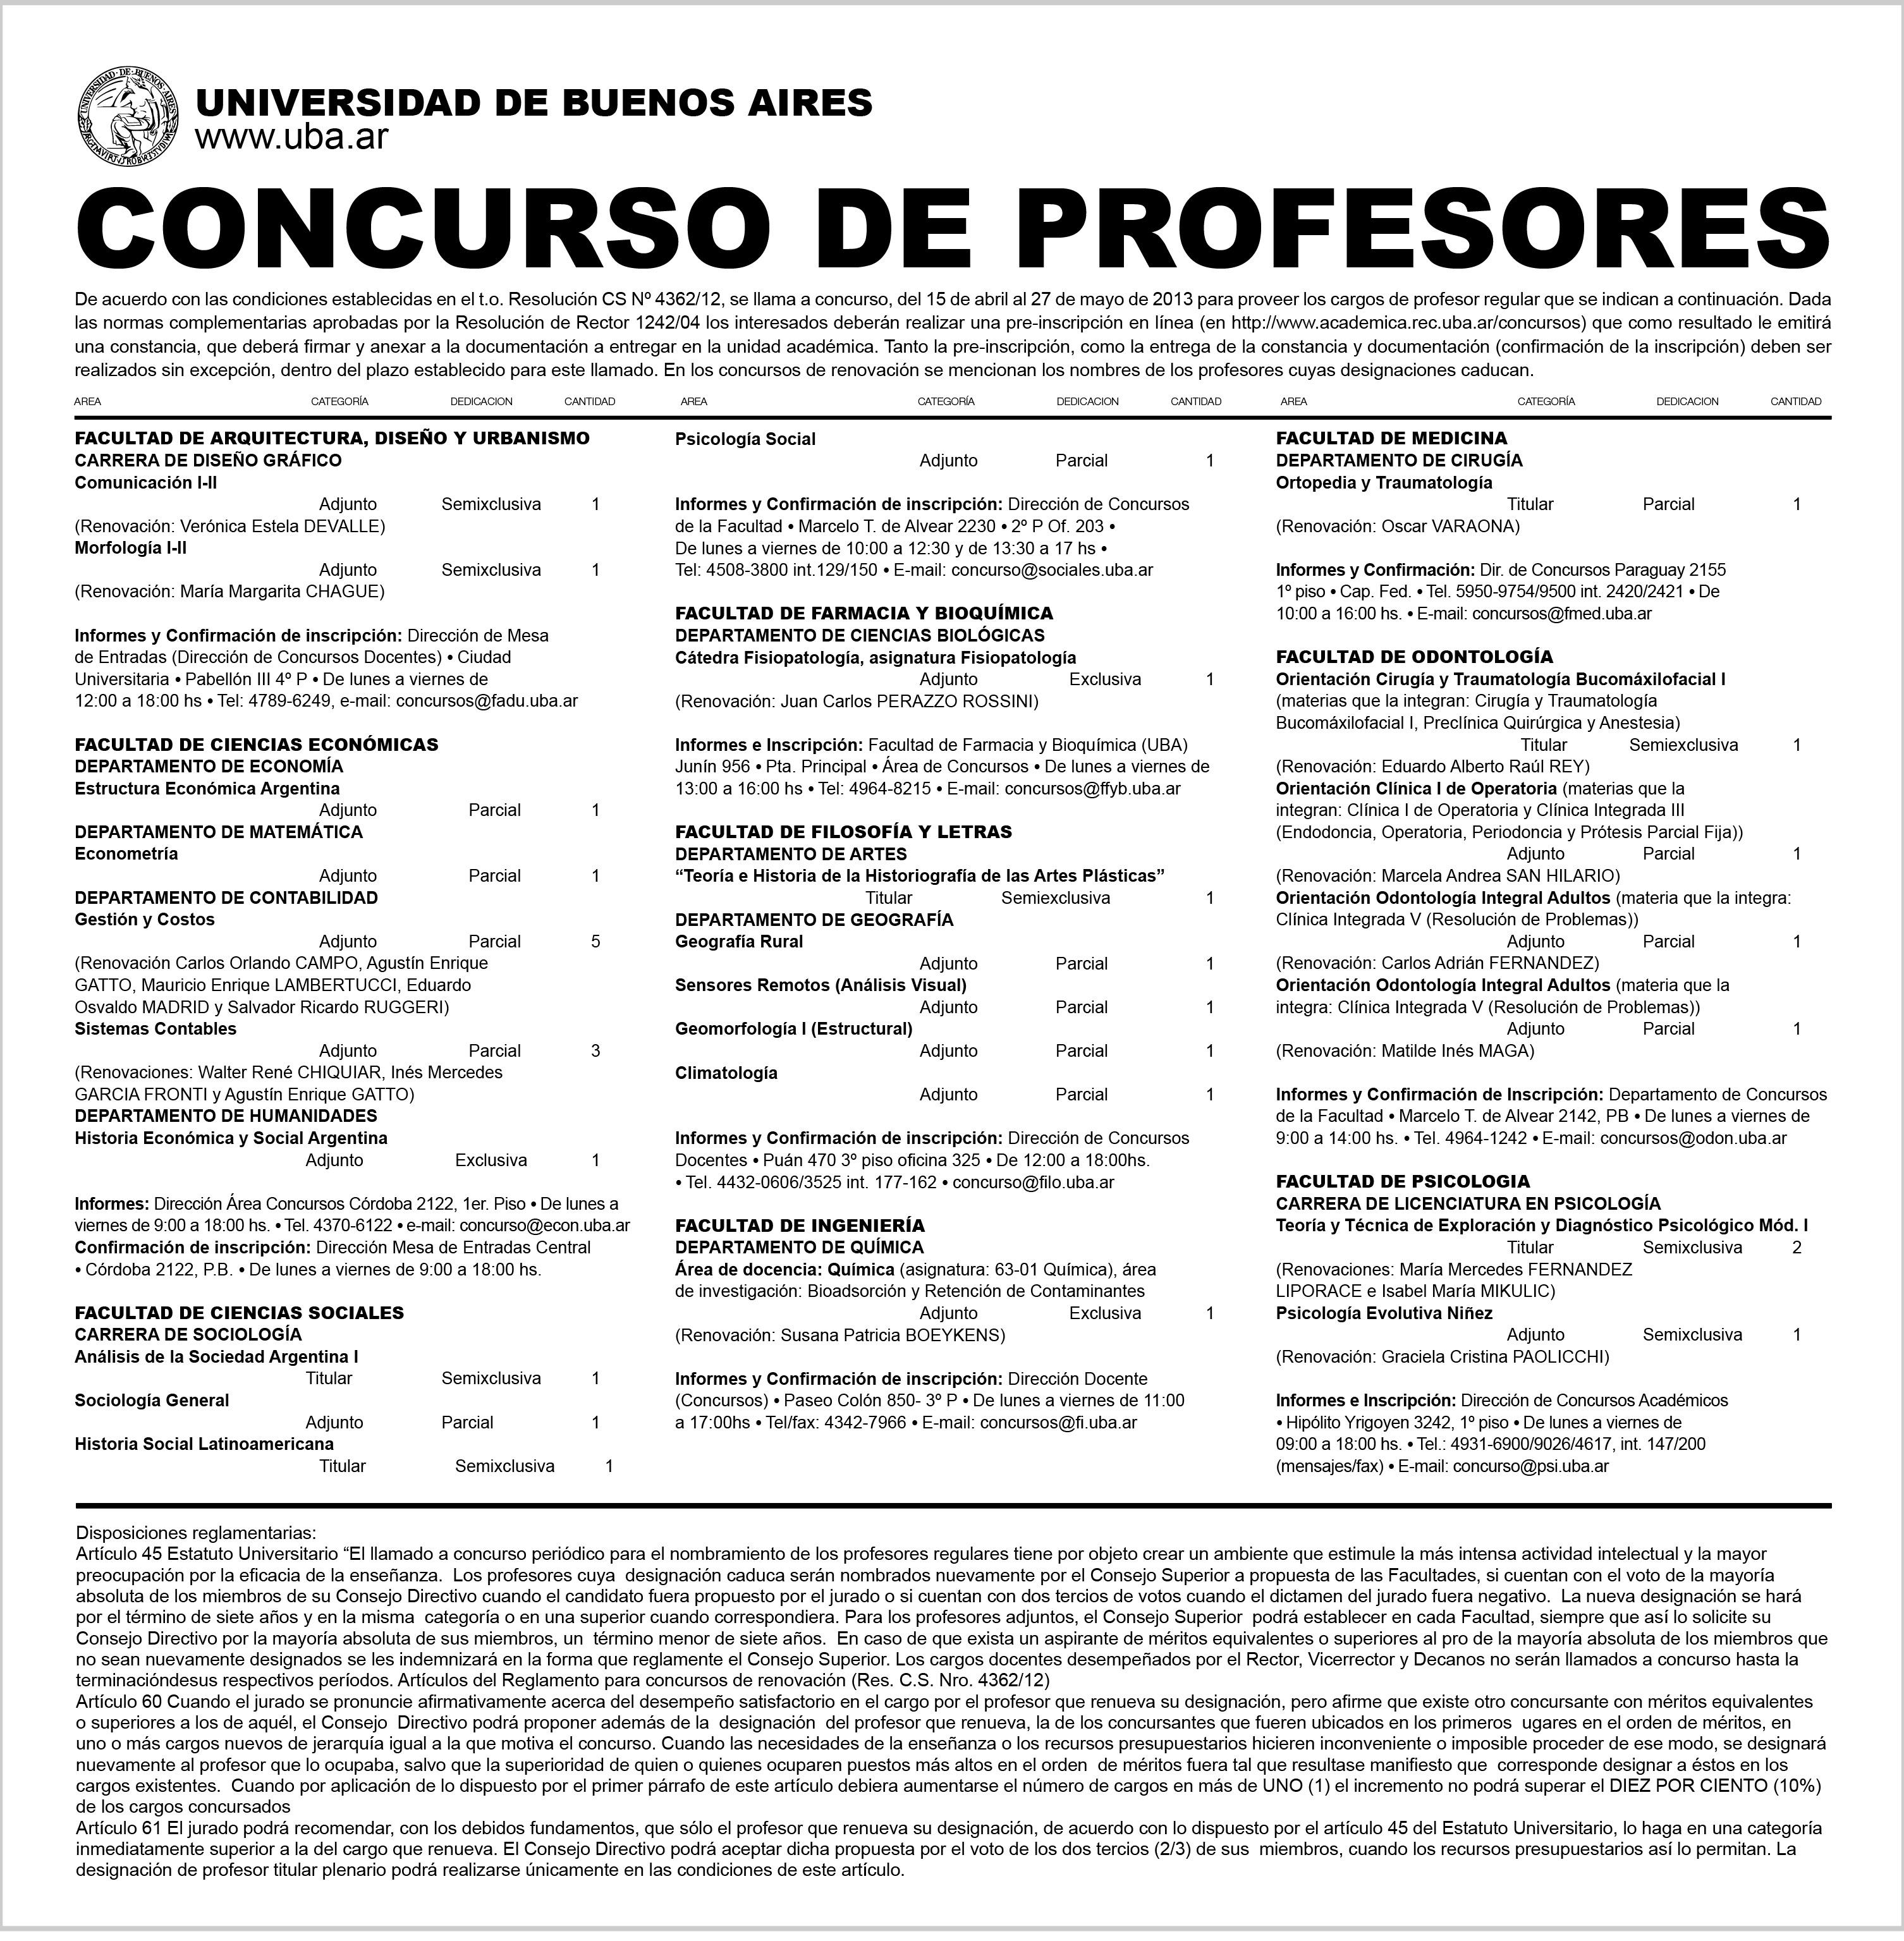 Universidad de buenos aires for Concurso para maestros